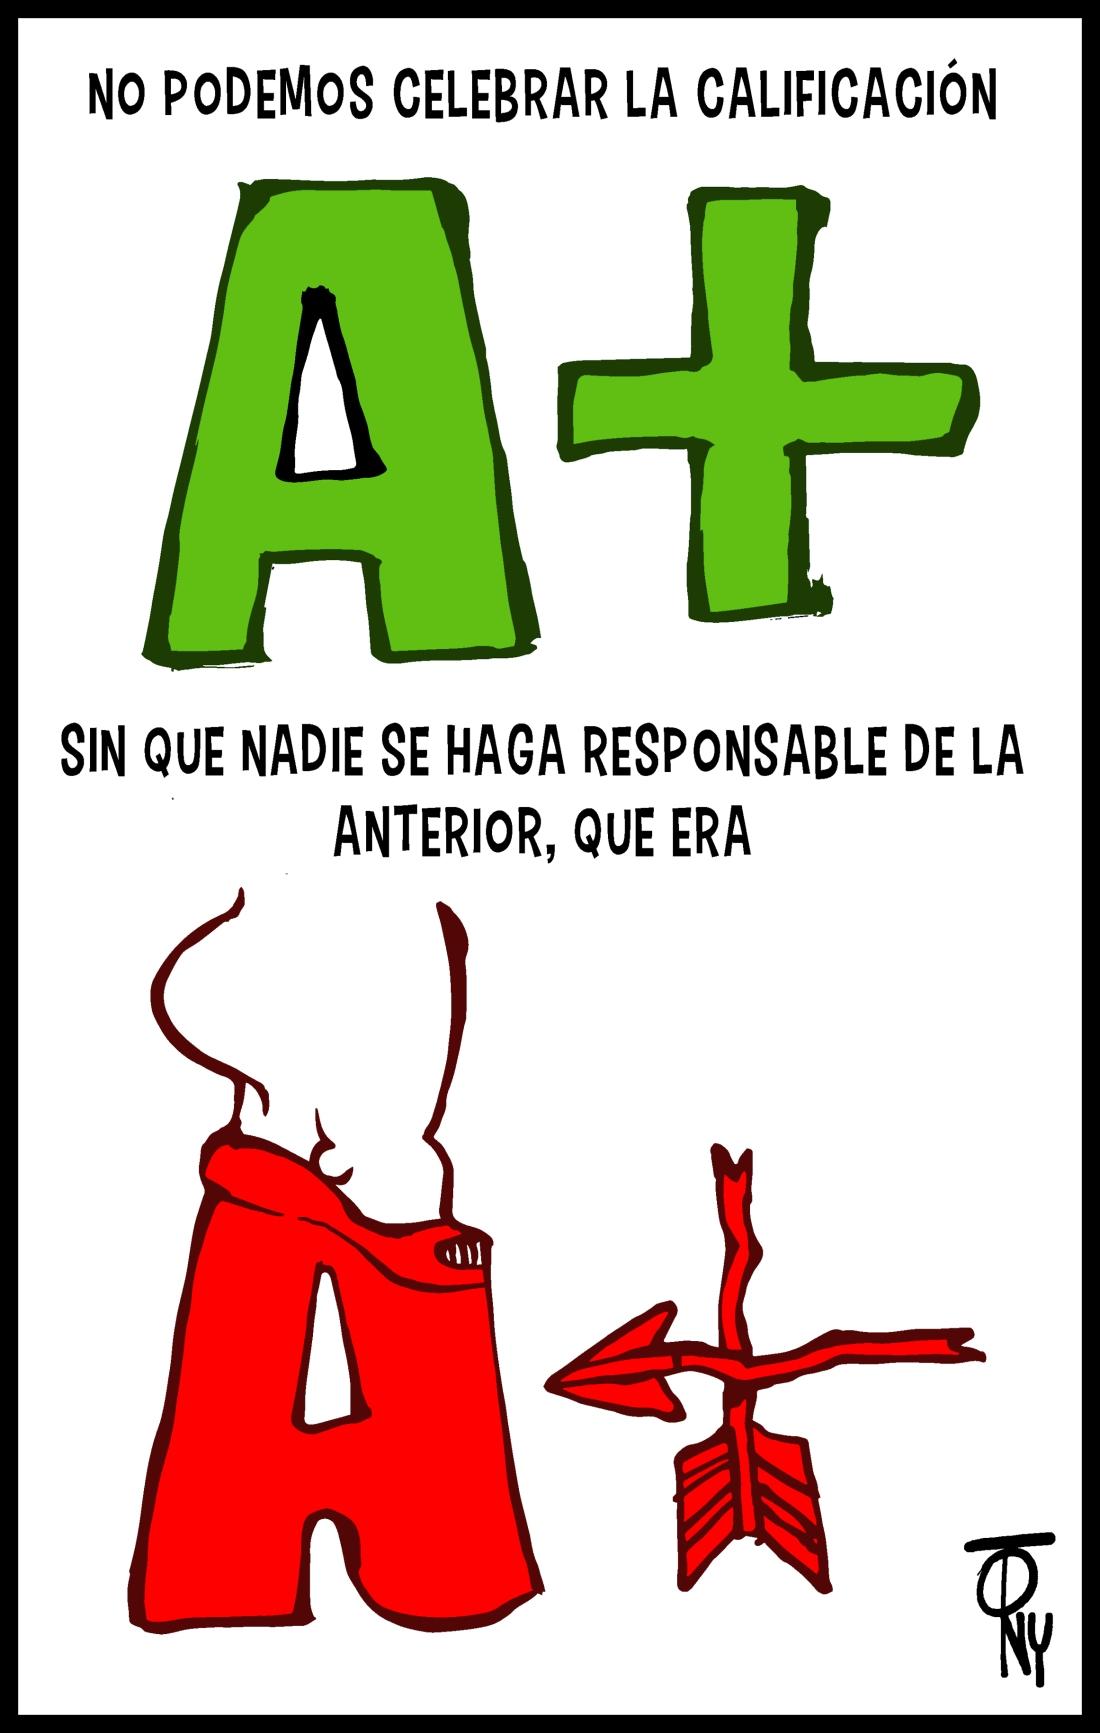 A+ en impunidad